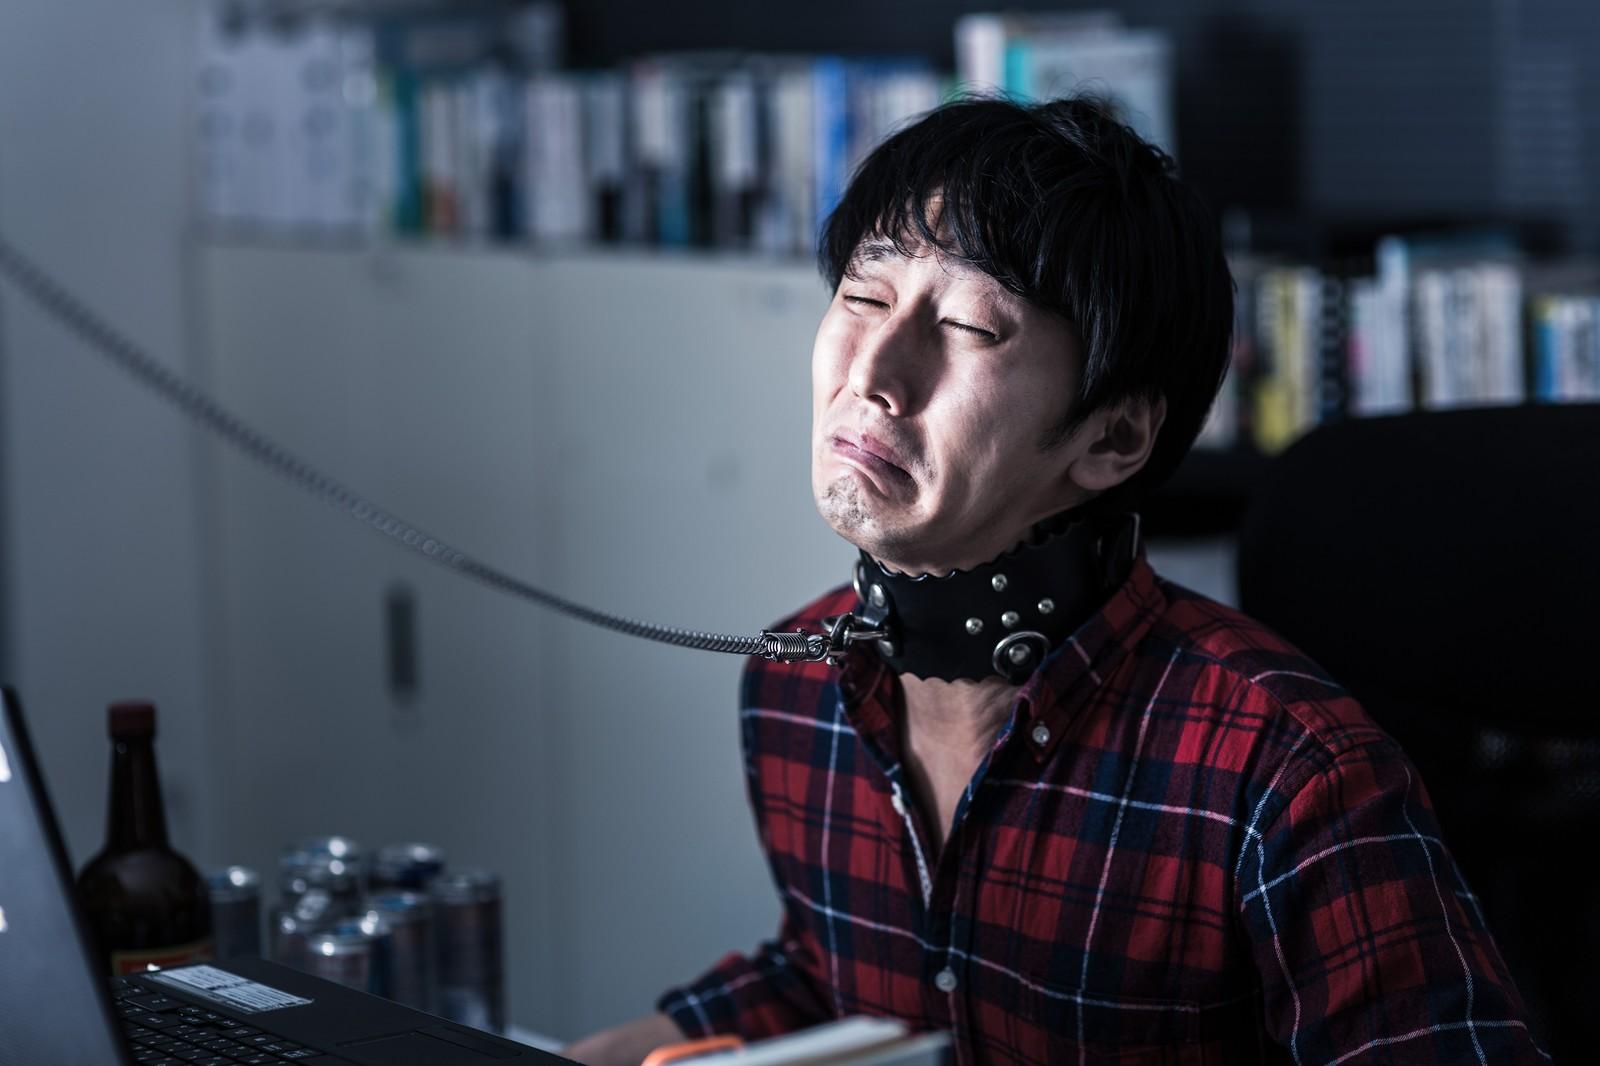 日本 70歳 就業 義務化 検討